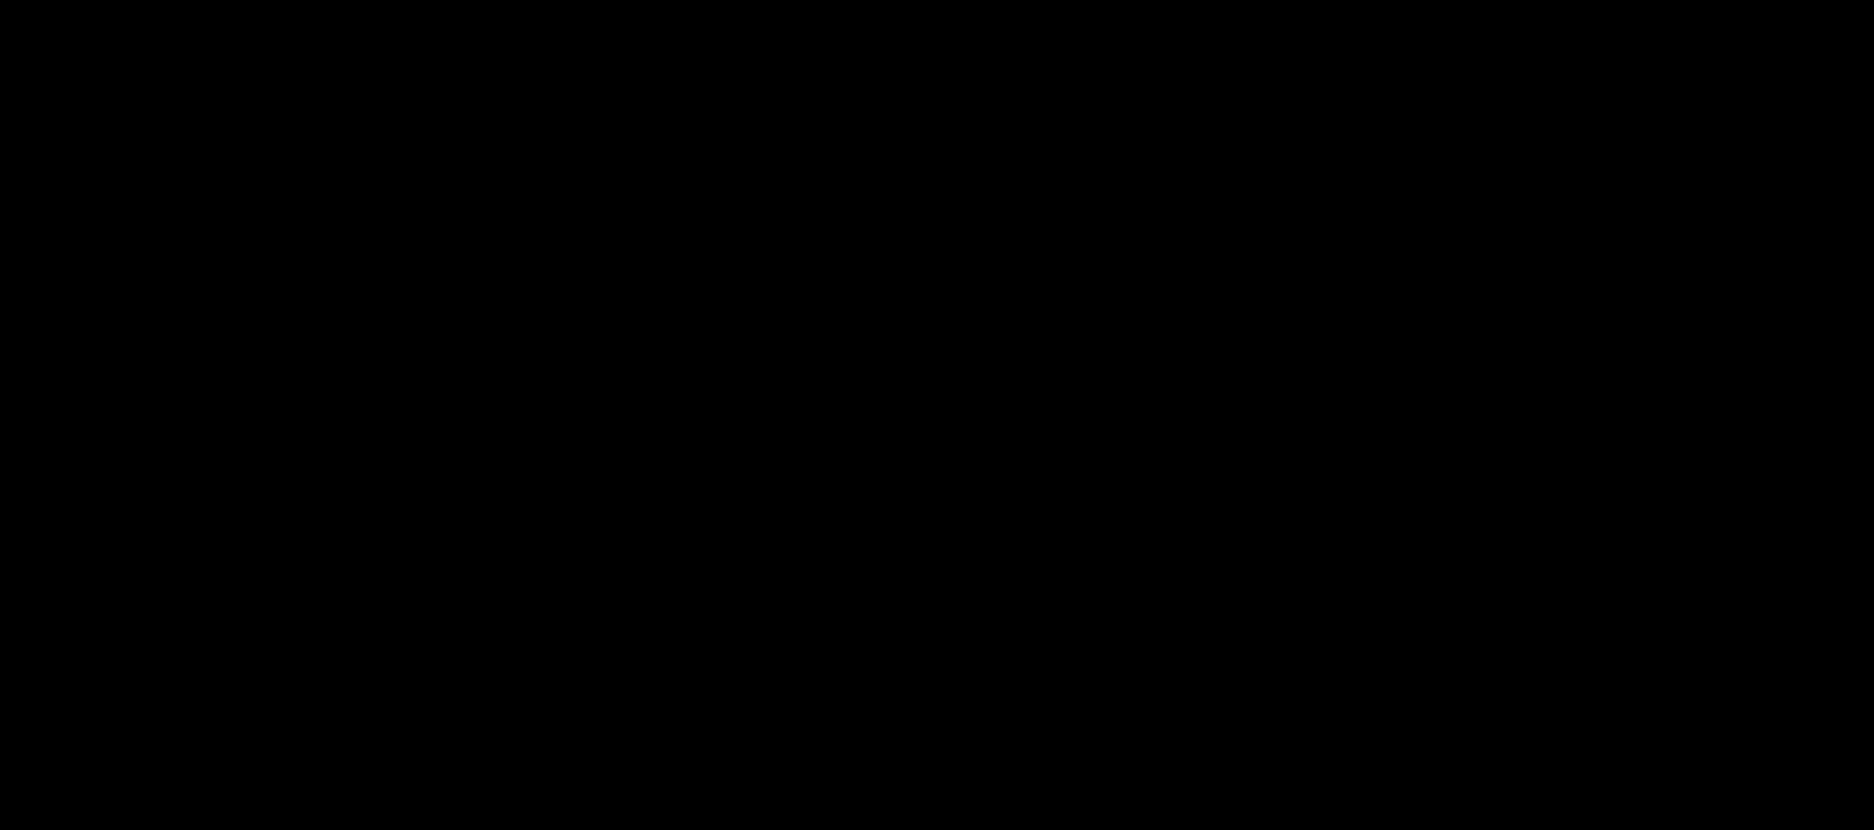 N-(2-(1H-Indol-3-yl)ethyl)-6-bromo-4-oxo-4H-chromene-2-carboxamide